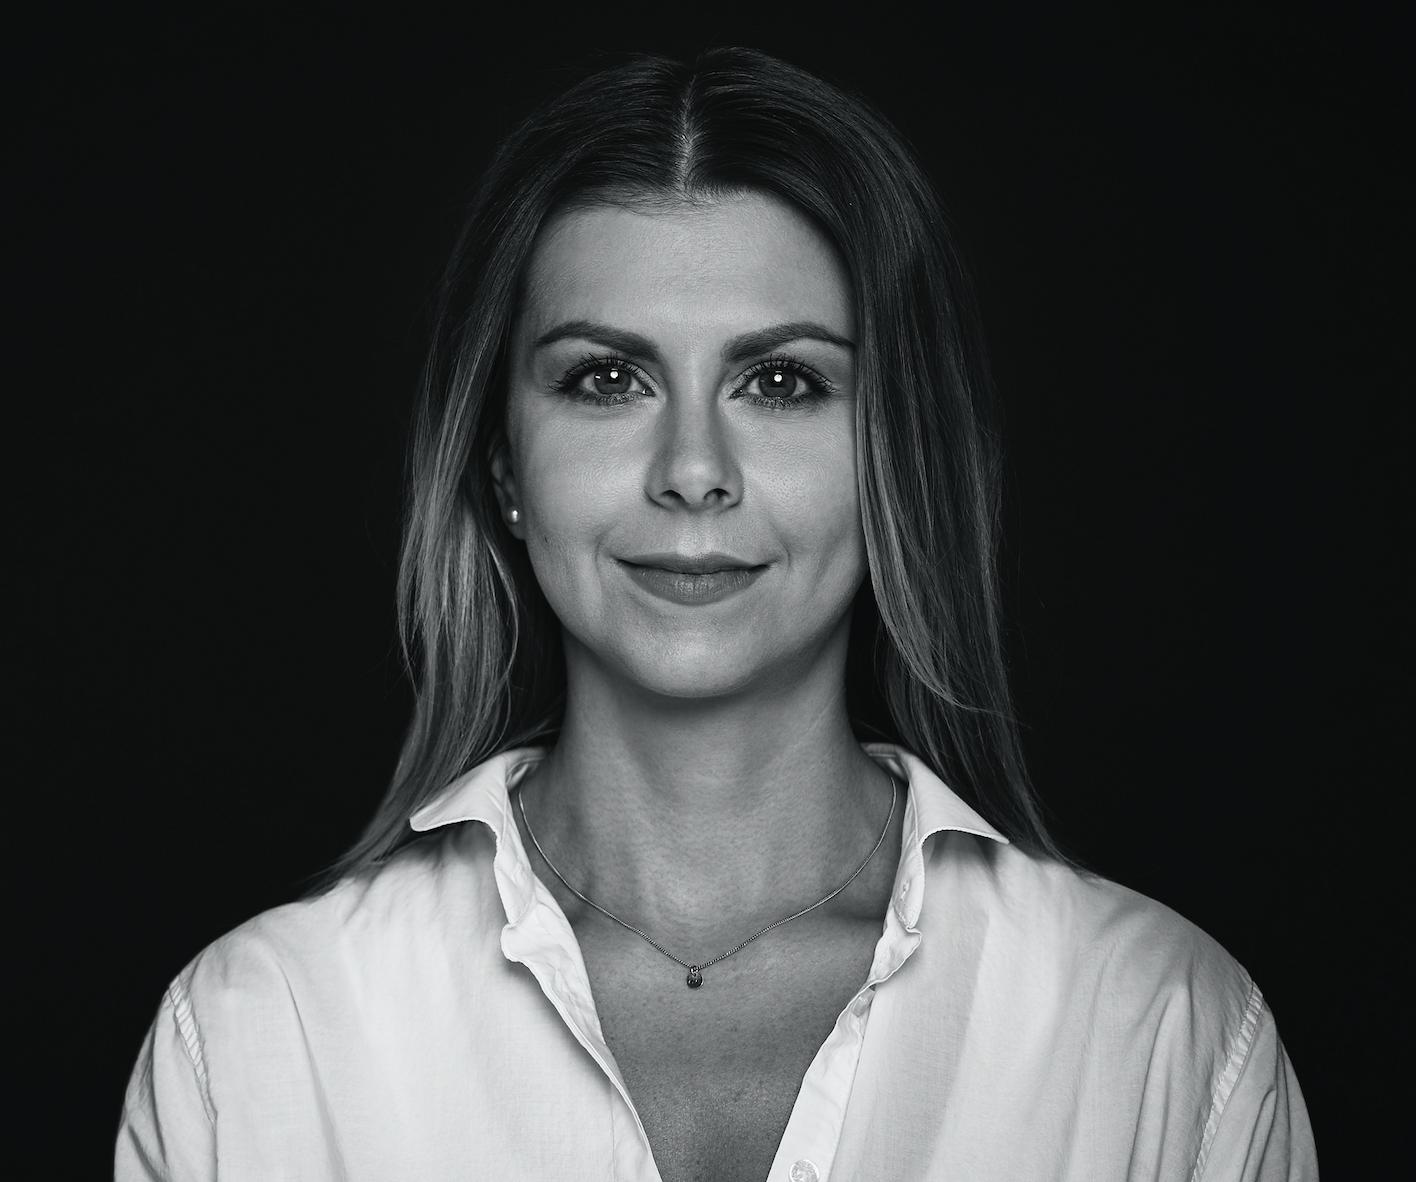 Portrait von Anna Fishman